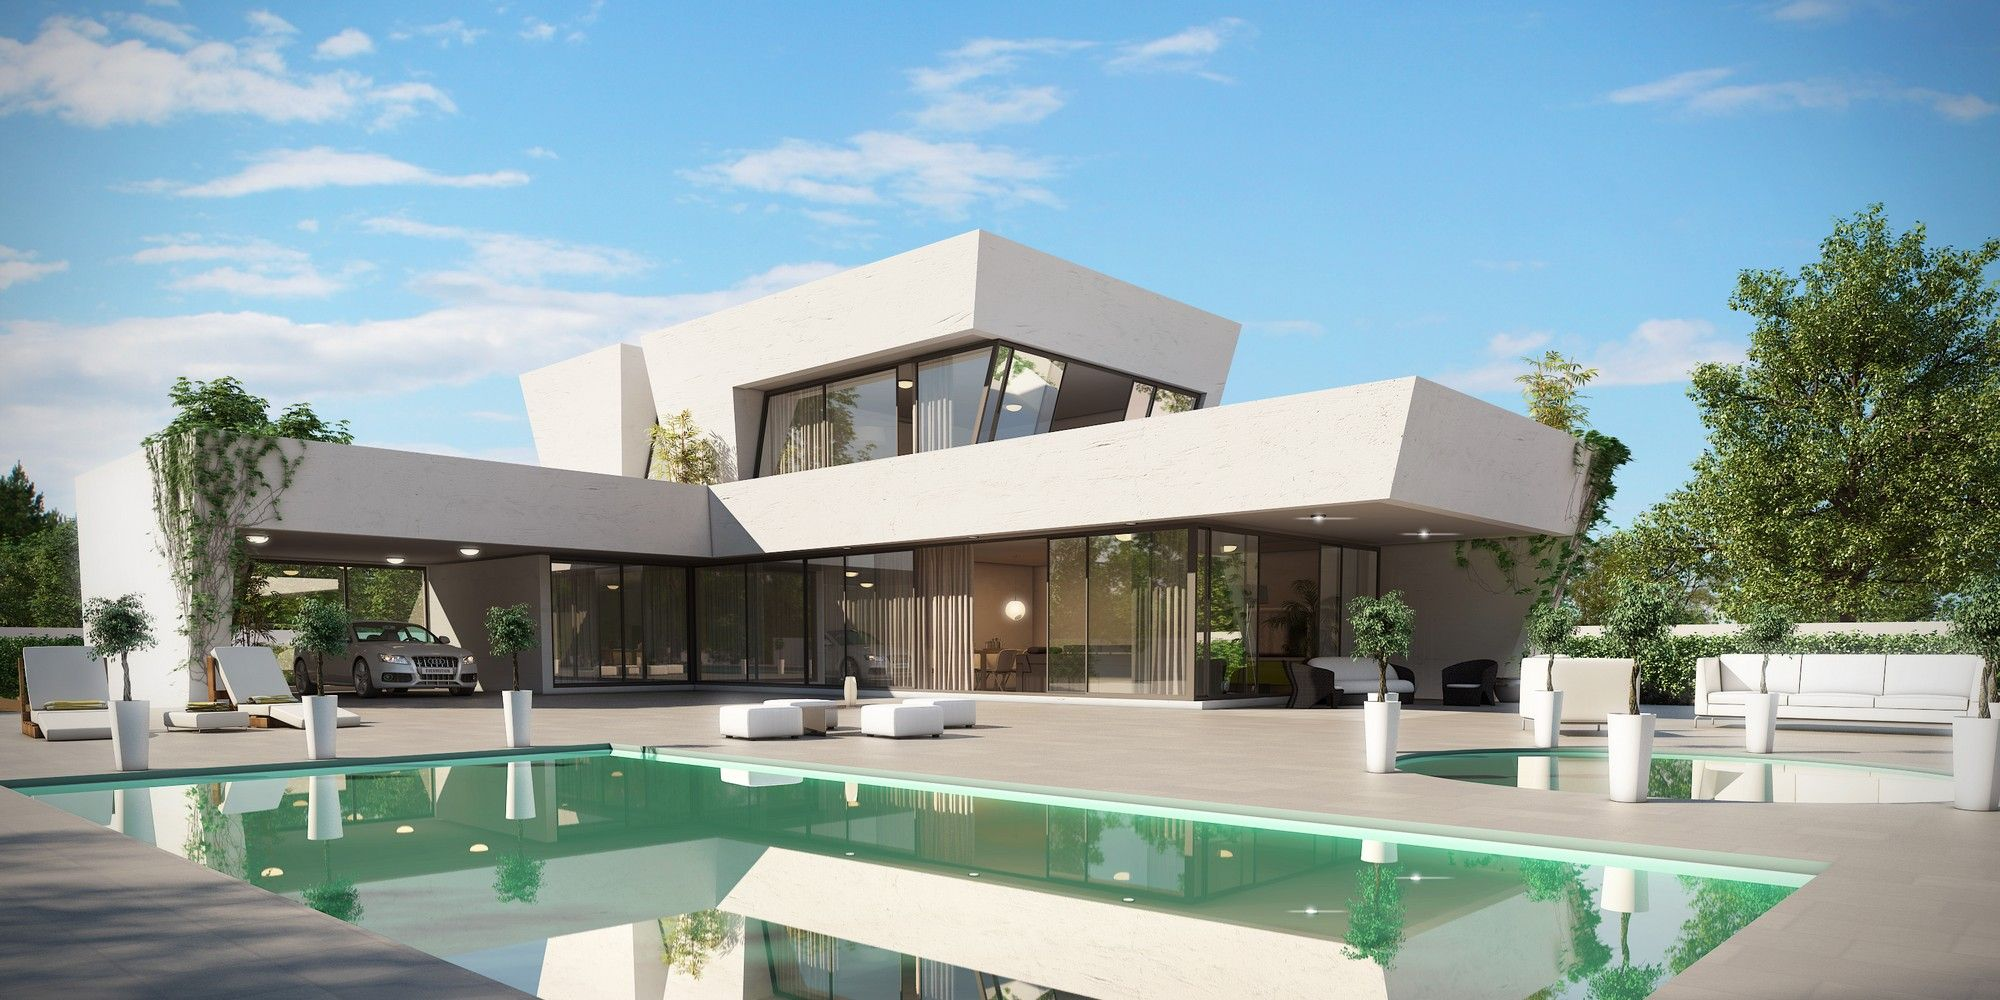 Dise o ideal para parcelas estrechas casas modernas for Disenos de casas bonitas